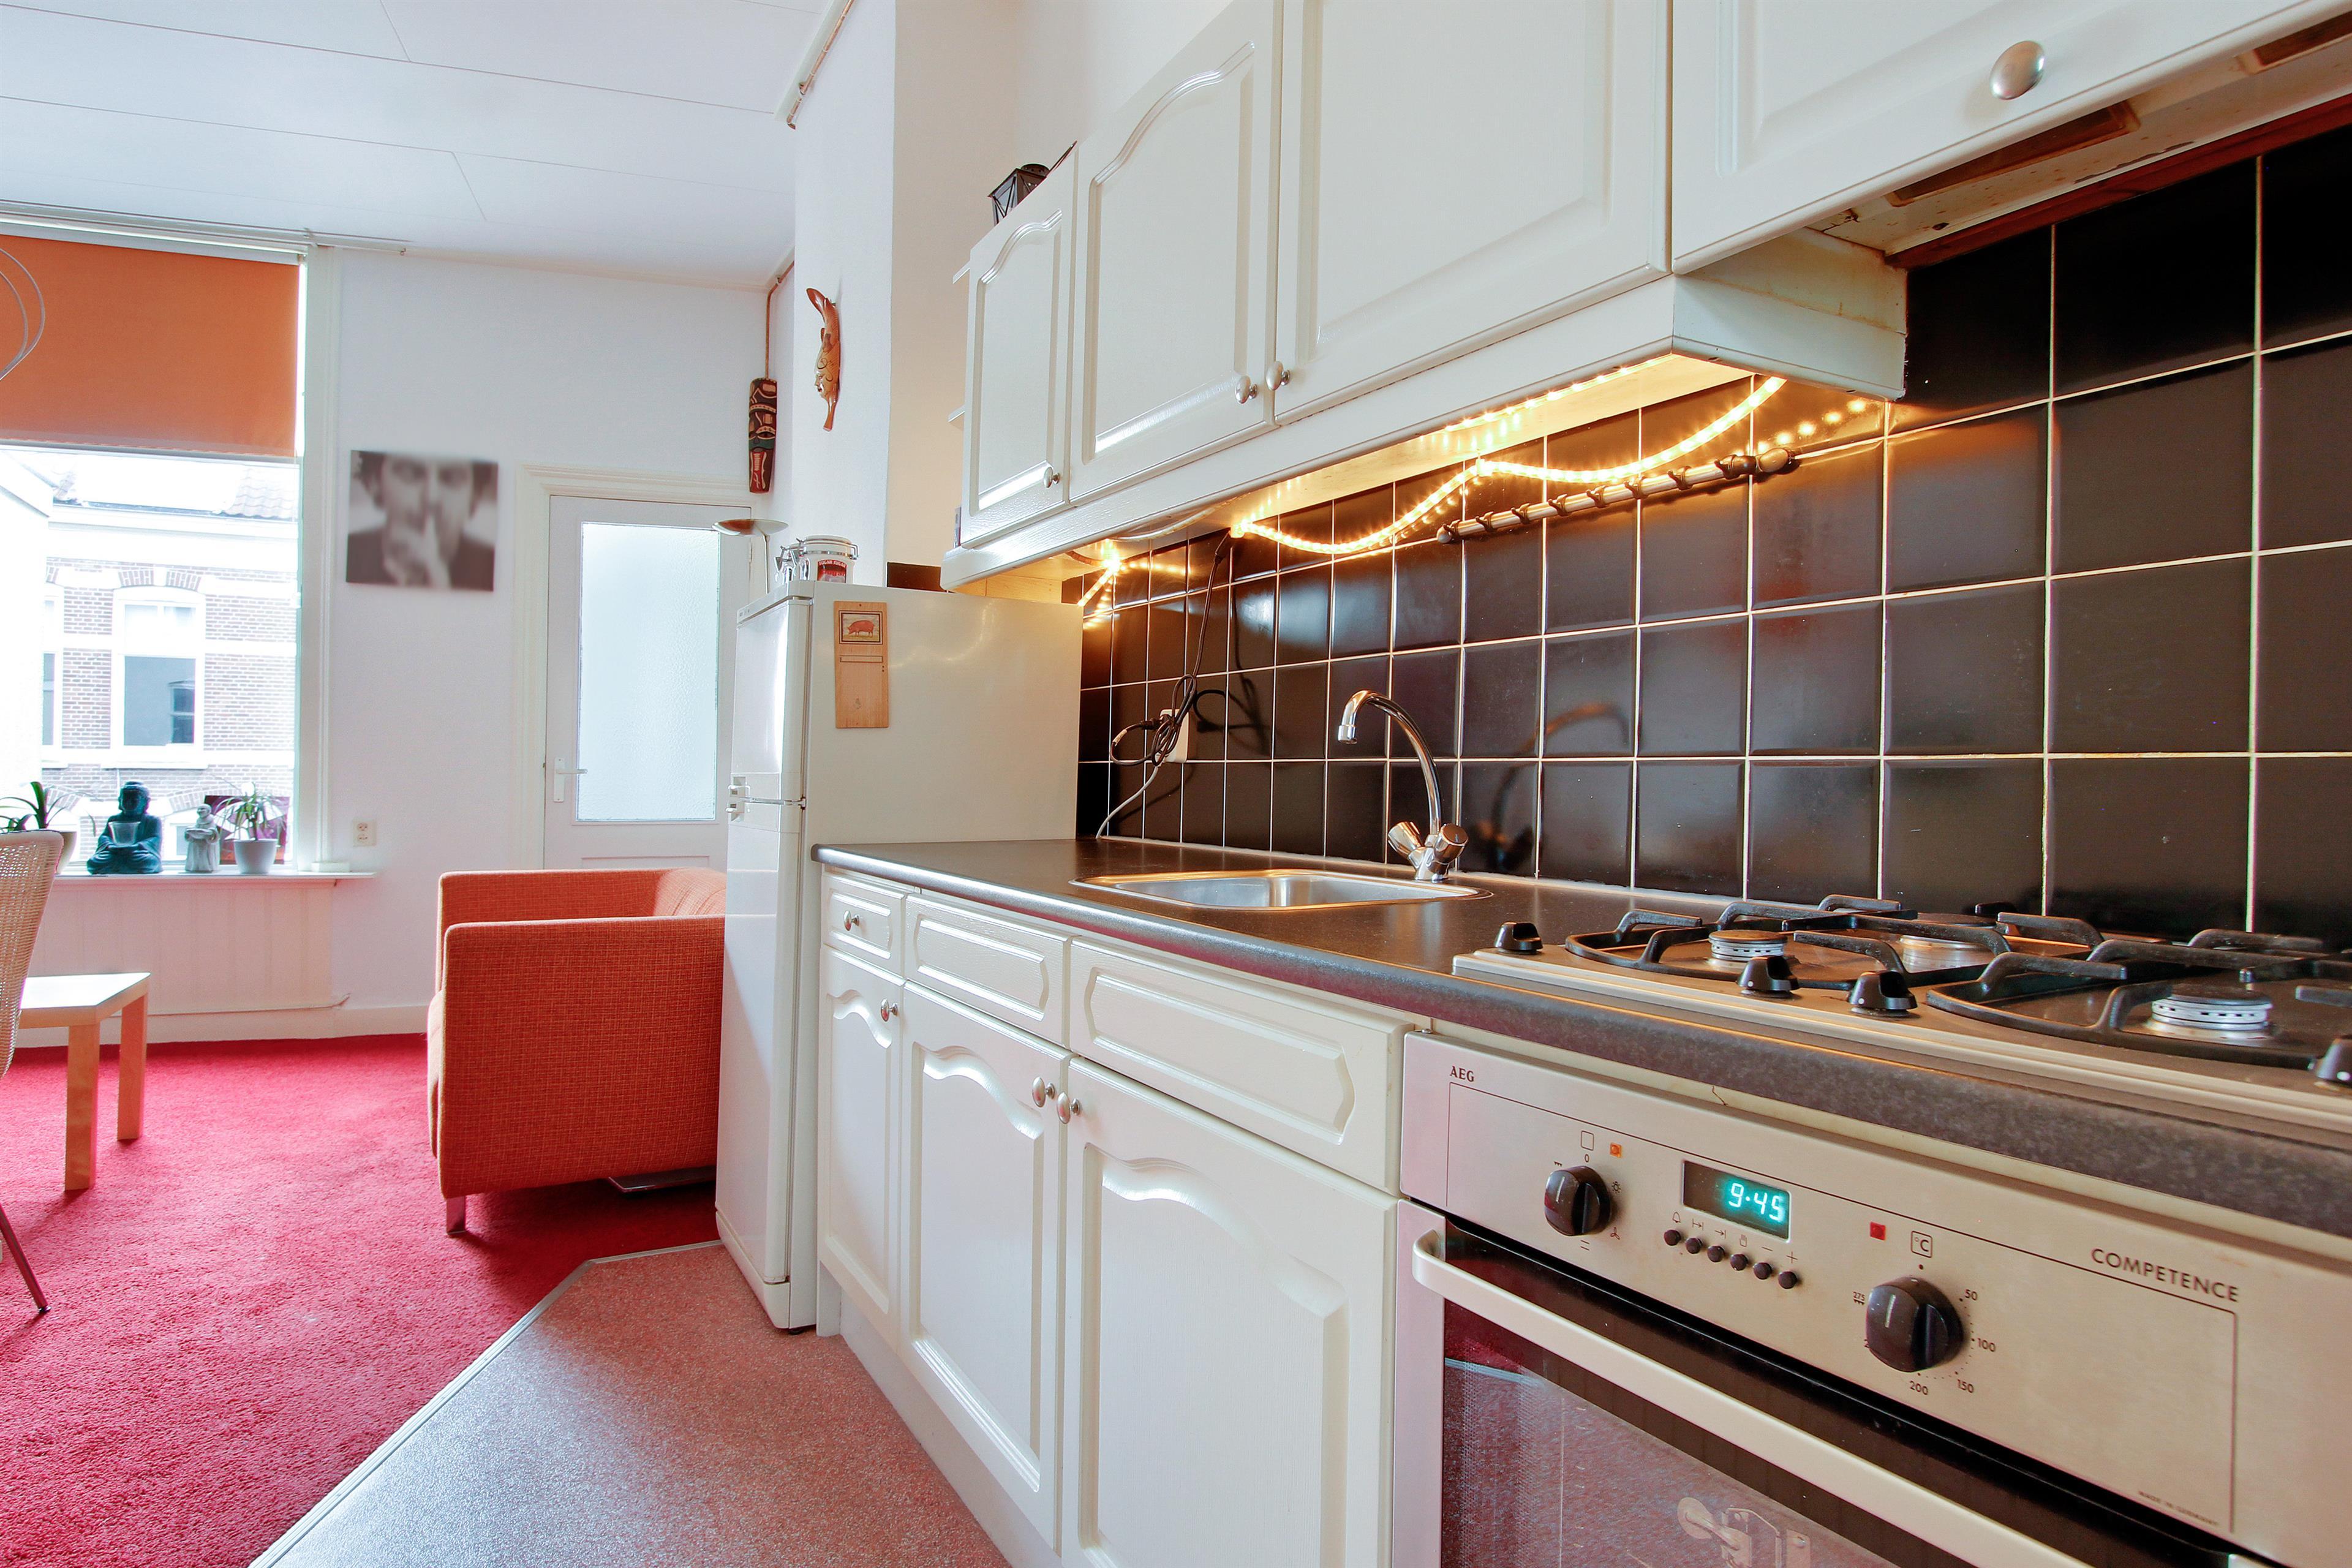 Te koop roukensstraat 33 nijmegen hendriks makelaardij - Gezellige keuken ...